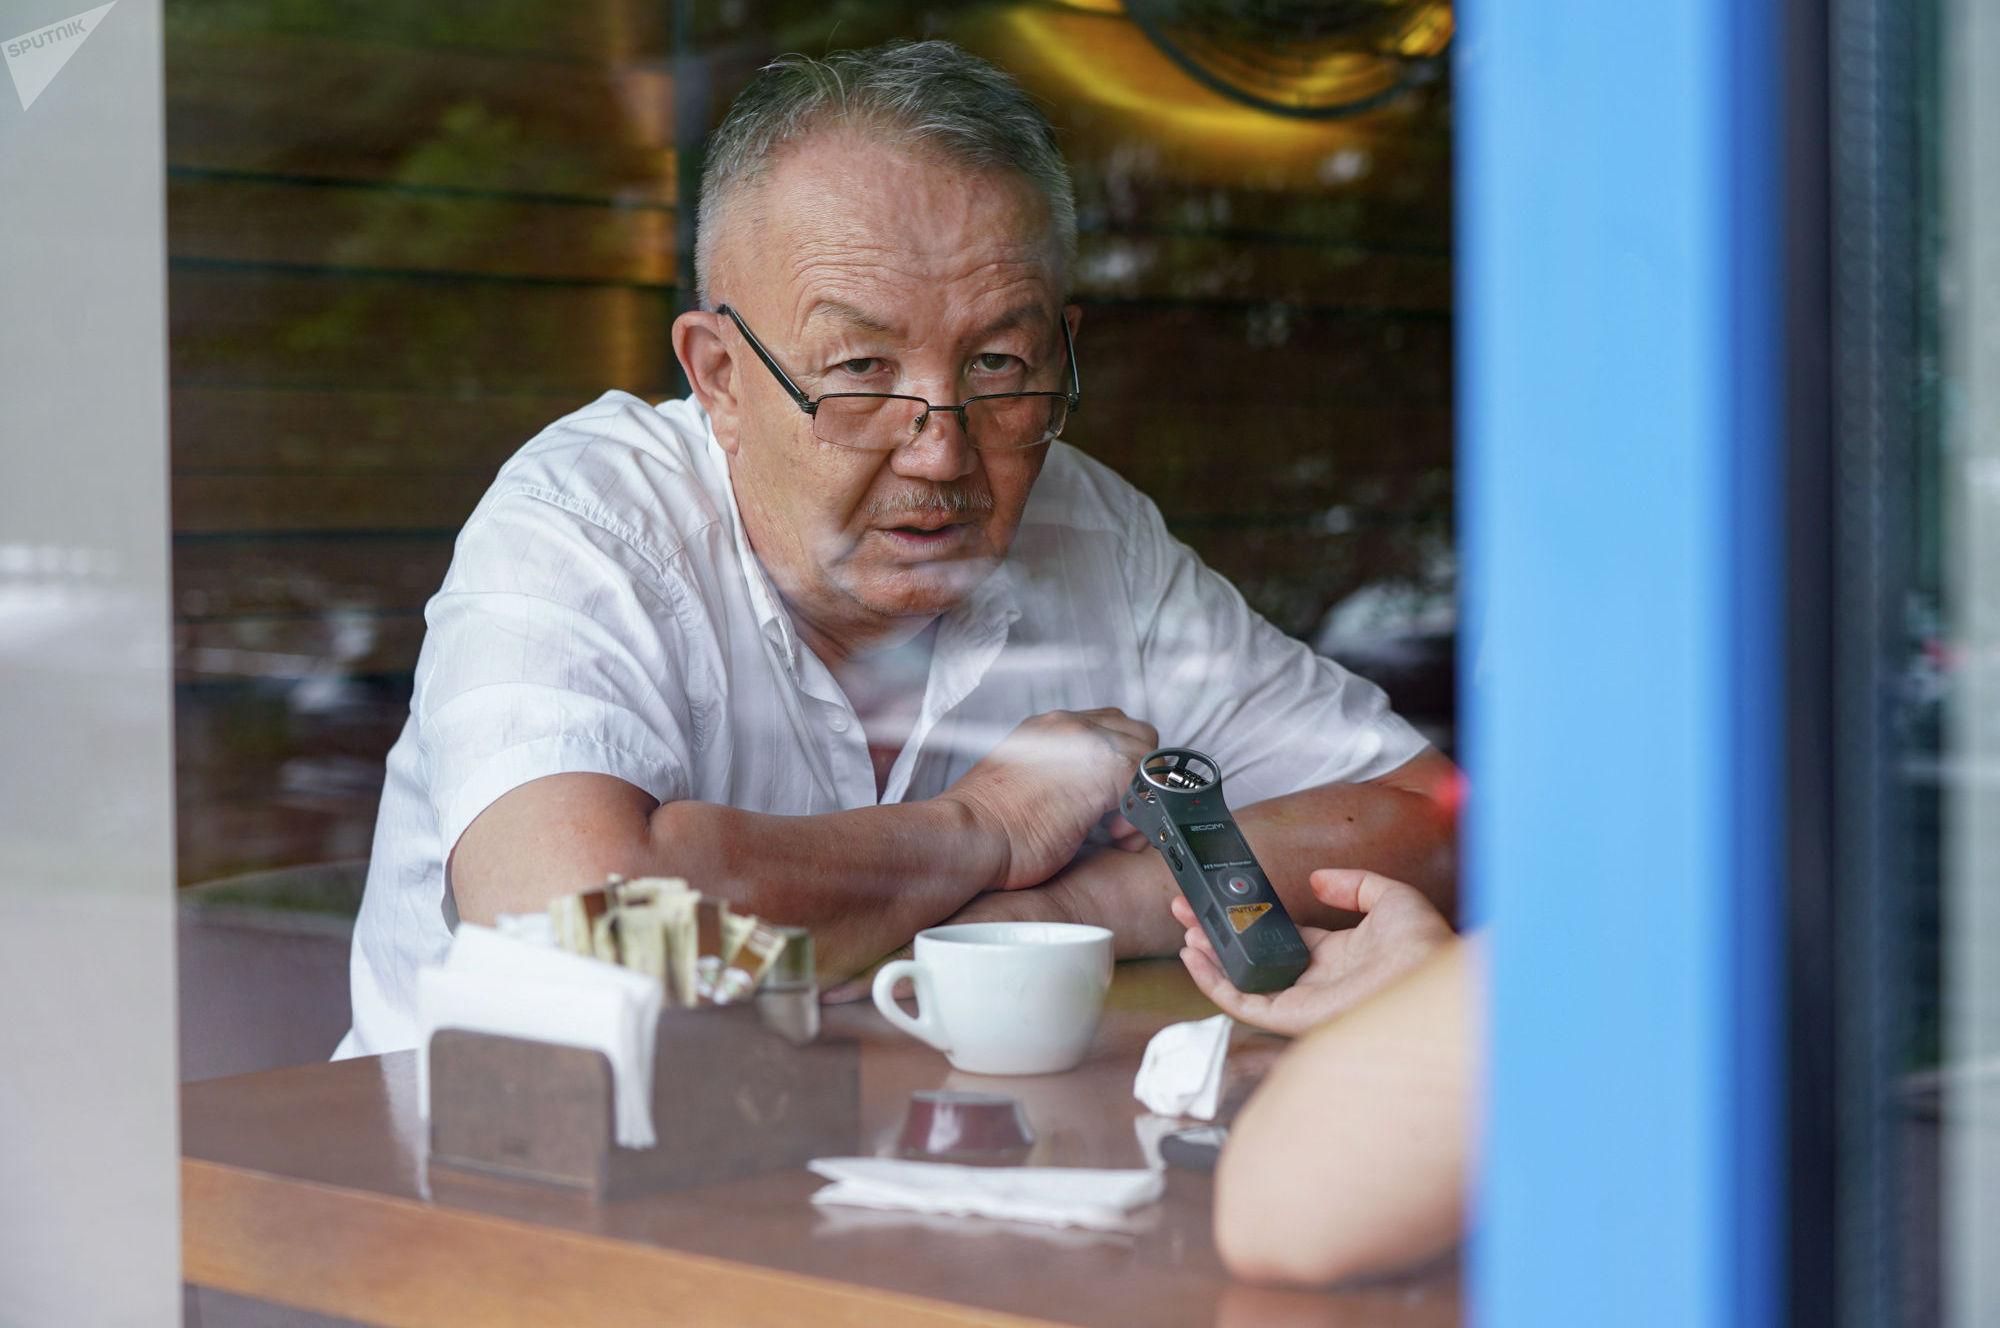 Жамбыл Артыкбаев, историк